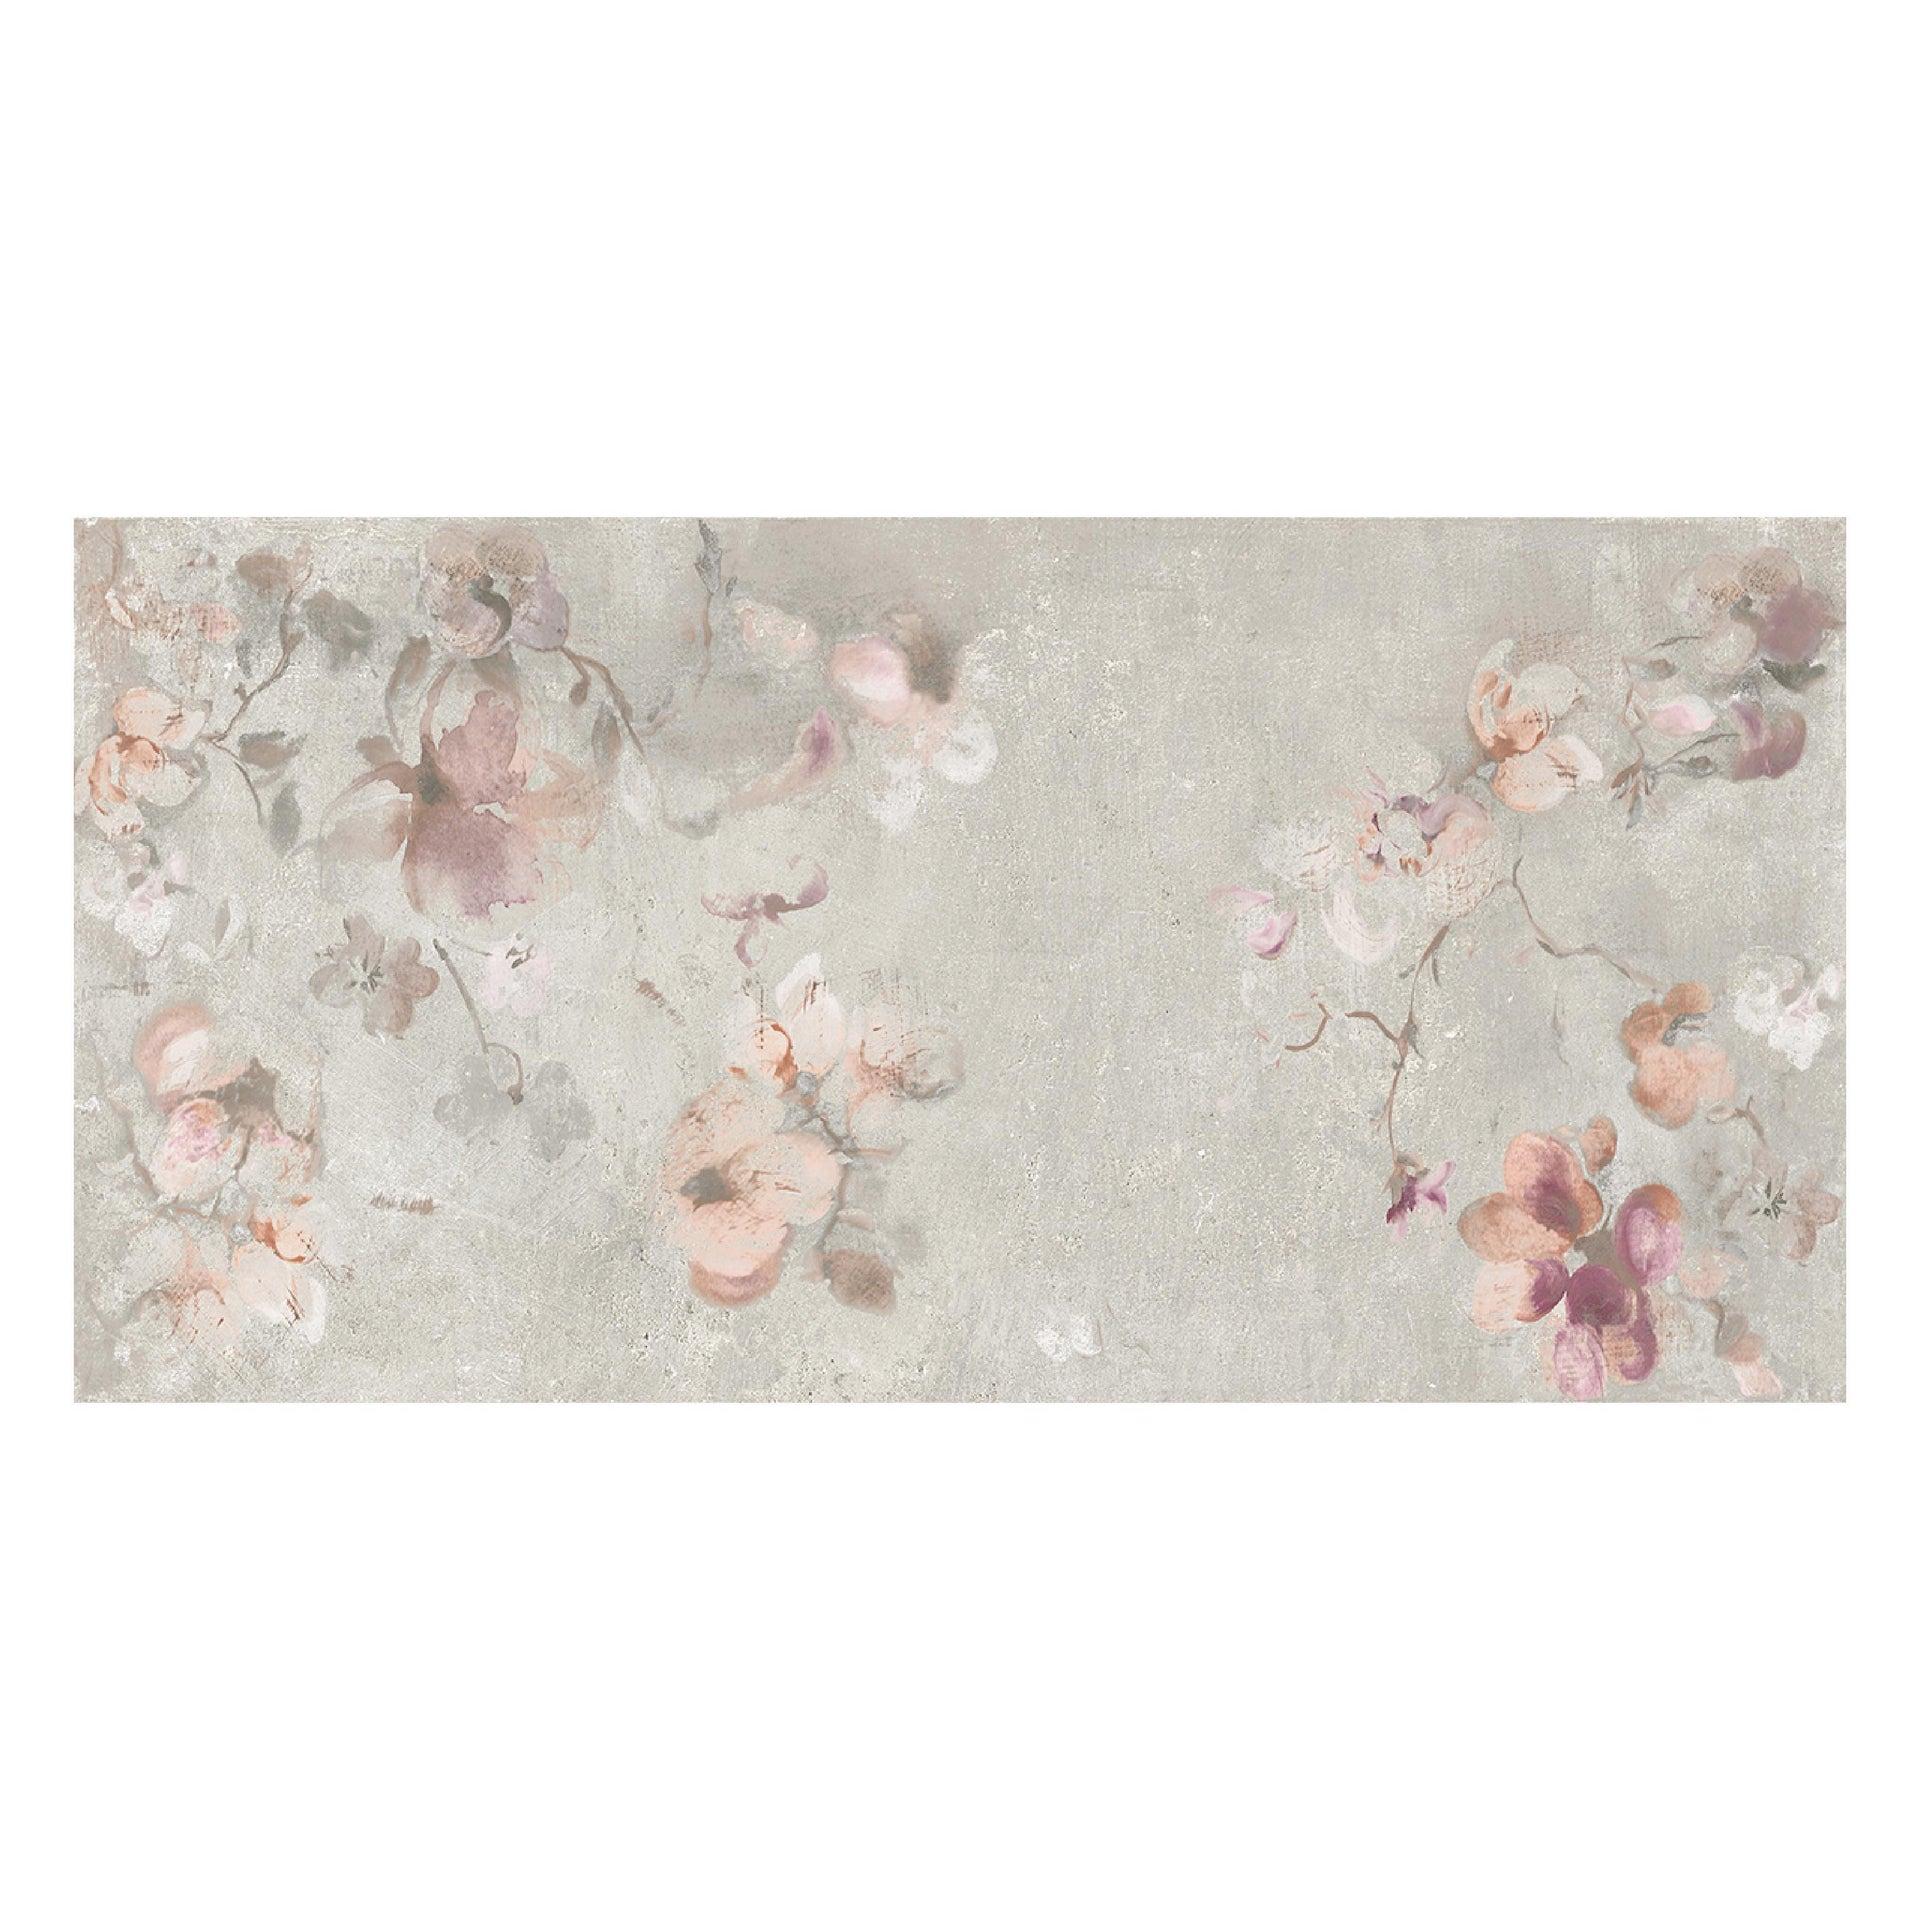 Piastrella City Grey Decoro Flower 60 x 120 cm sp. 9.5 mm PEI 4/5 grigio - 12